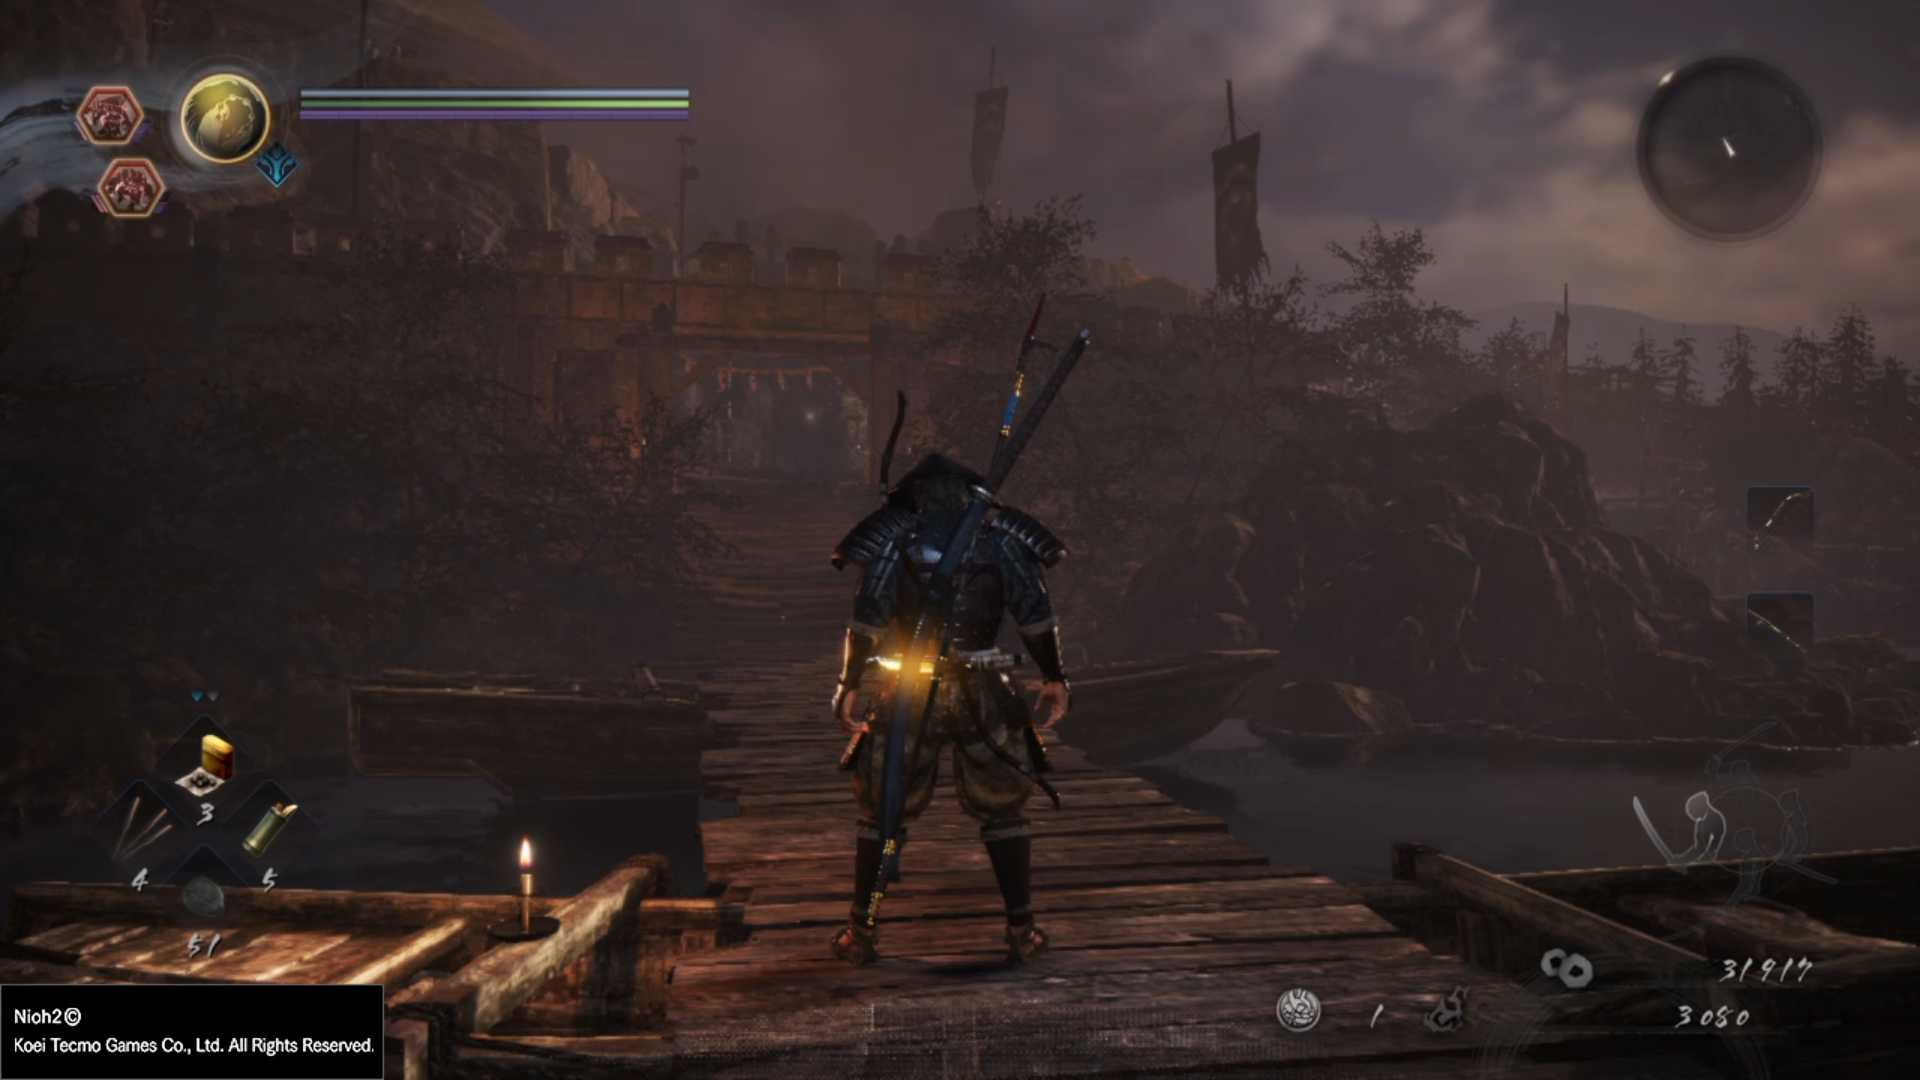 Hra rozhodne nepatrí k tomu najkrajšiemu, čo konzola PlayStation 4 ponúka, no ani sa o to nesnaží. Hlavnou devízou vizuálu je namiesto čo najväčšej miery detailov dôraz na atmosféru. Nakoľko sa mnohé úrovne odohrávajú počas noci, je nutné správne nastaviť svetlosť obrazovky, aby ste dobre videli aj v prípade, že počas súboja rozbijete všetky pochodne navôkol. Zvukový sprievod sa hodí do každej situácie – v nebezpečných súbojoch podčiarkuje napínavosť danej situácie a naopak v pokojných pasážach hráčovi umožní si aspoň na chvíľku vydýchnuť.